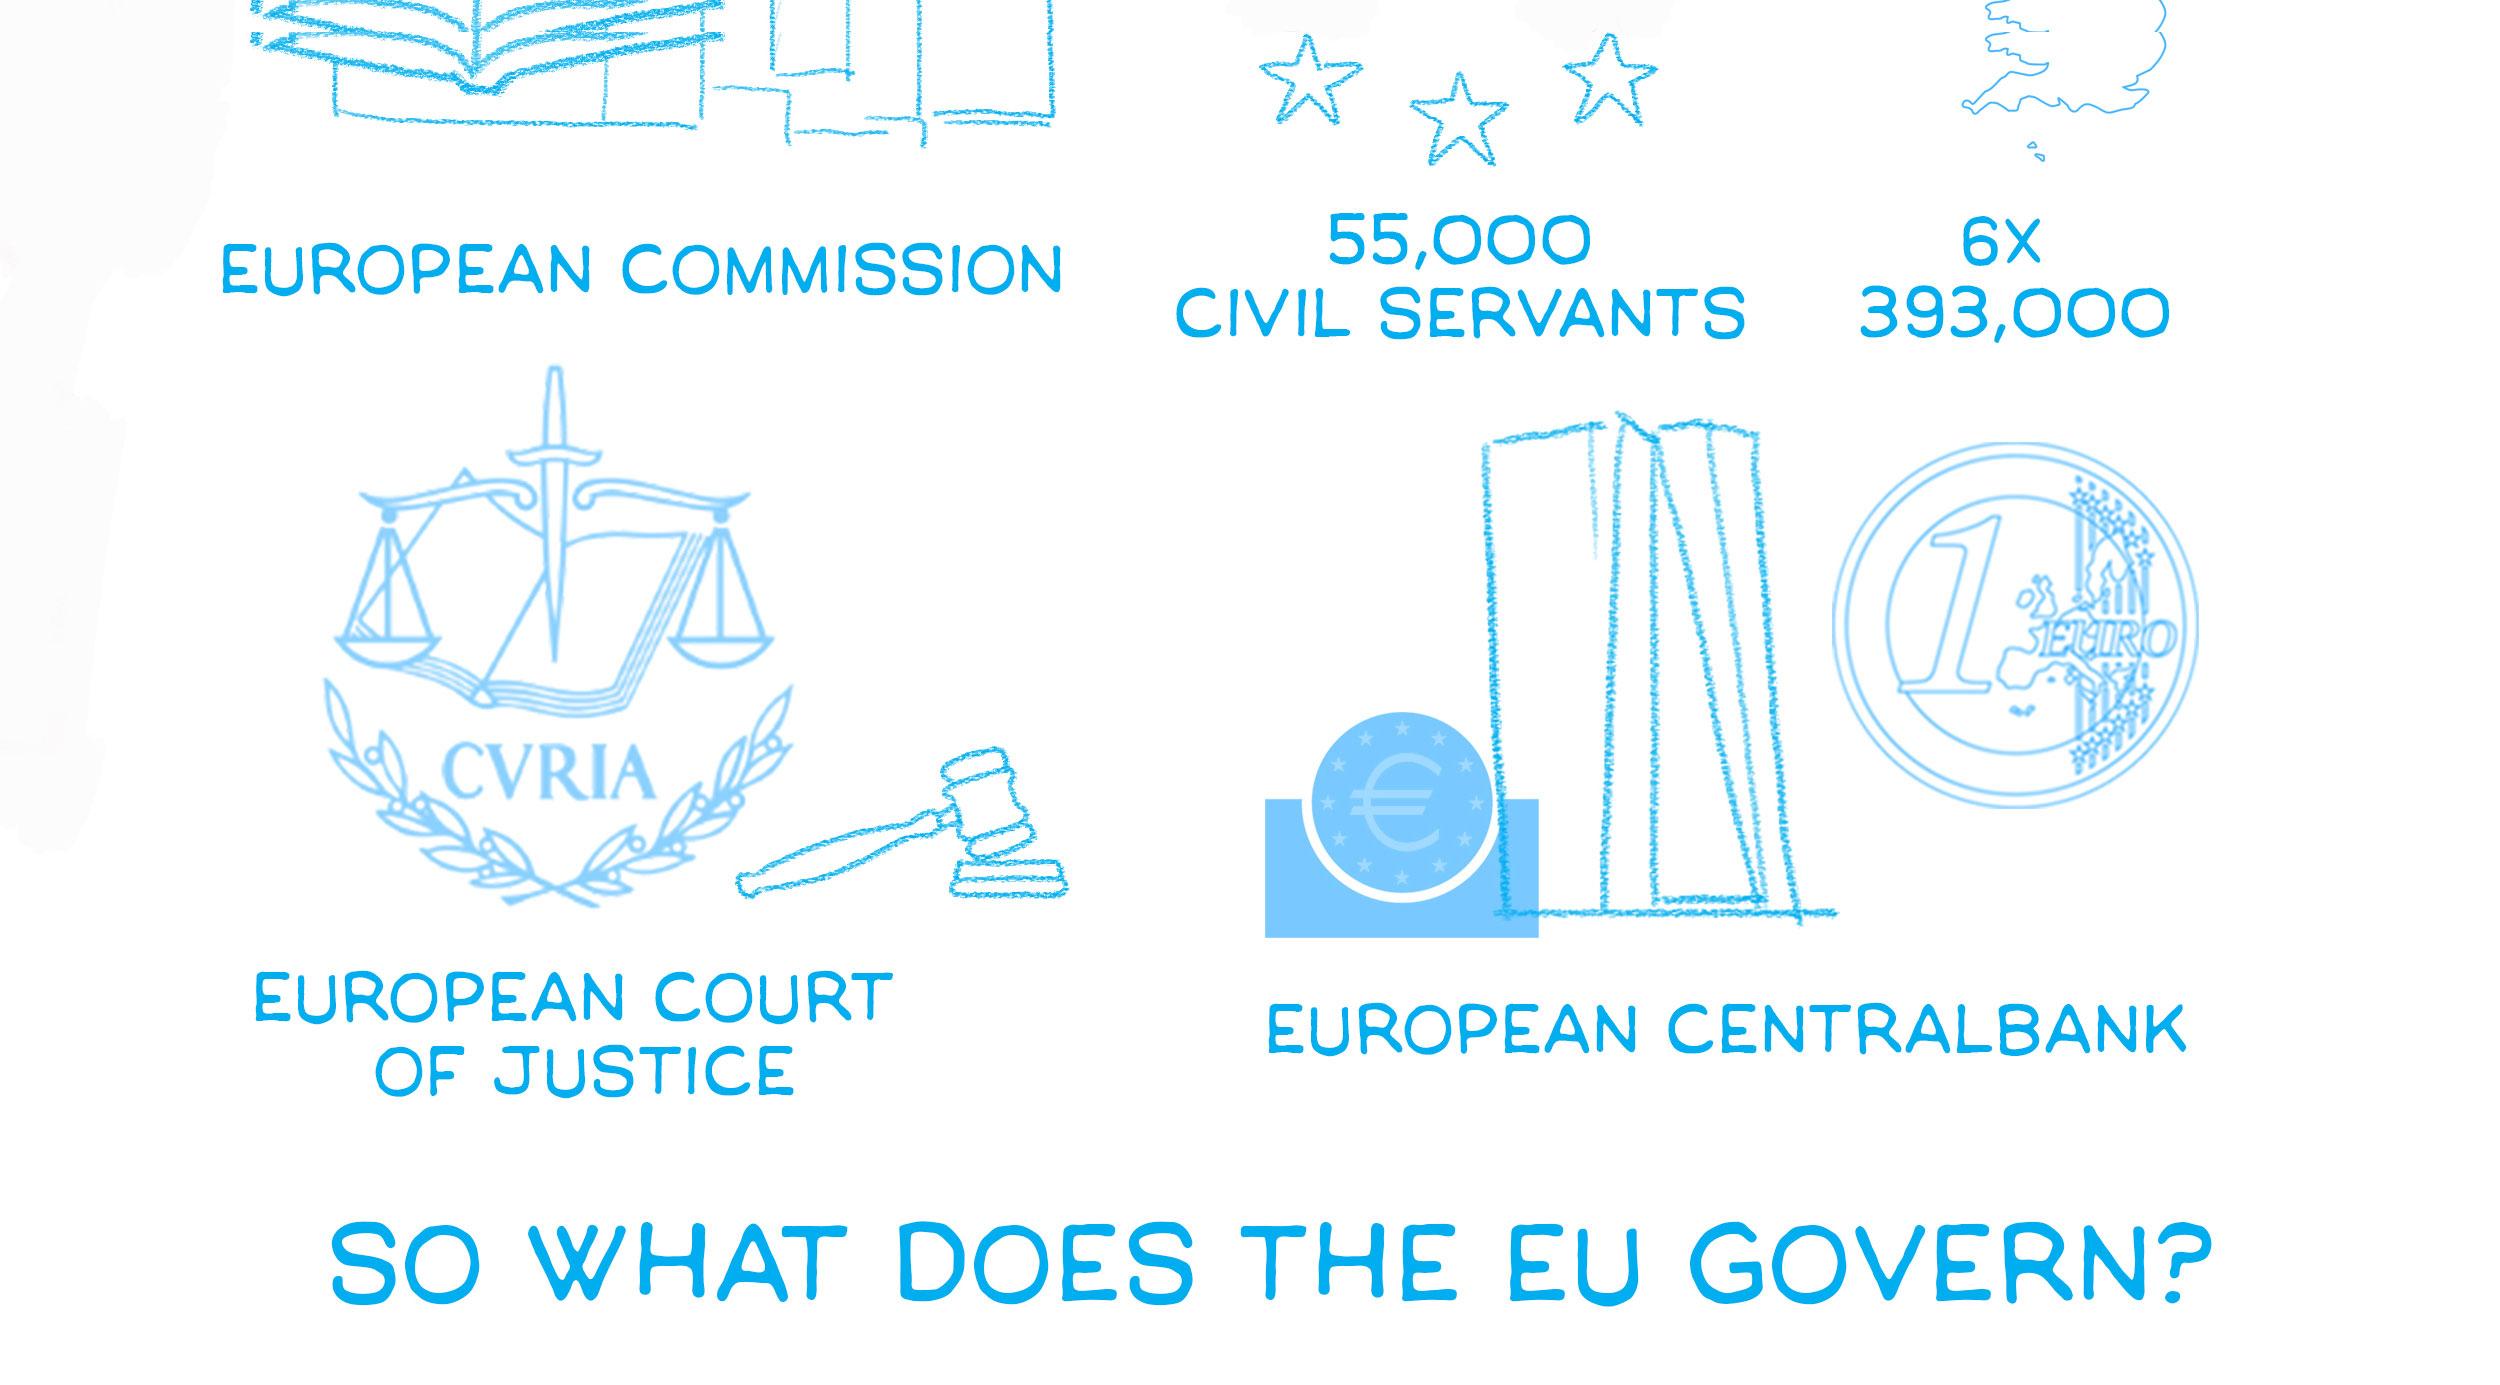 bbc-eu-referendum-cognitive-03.jpg